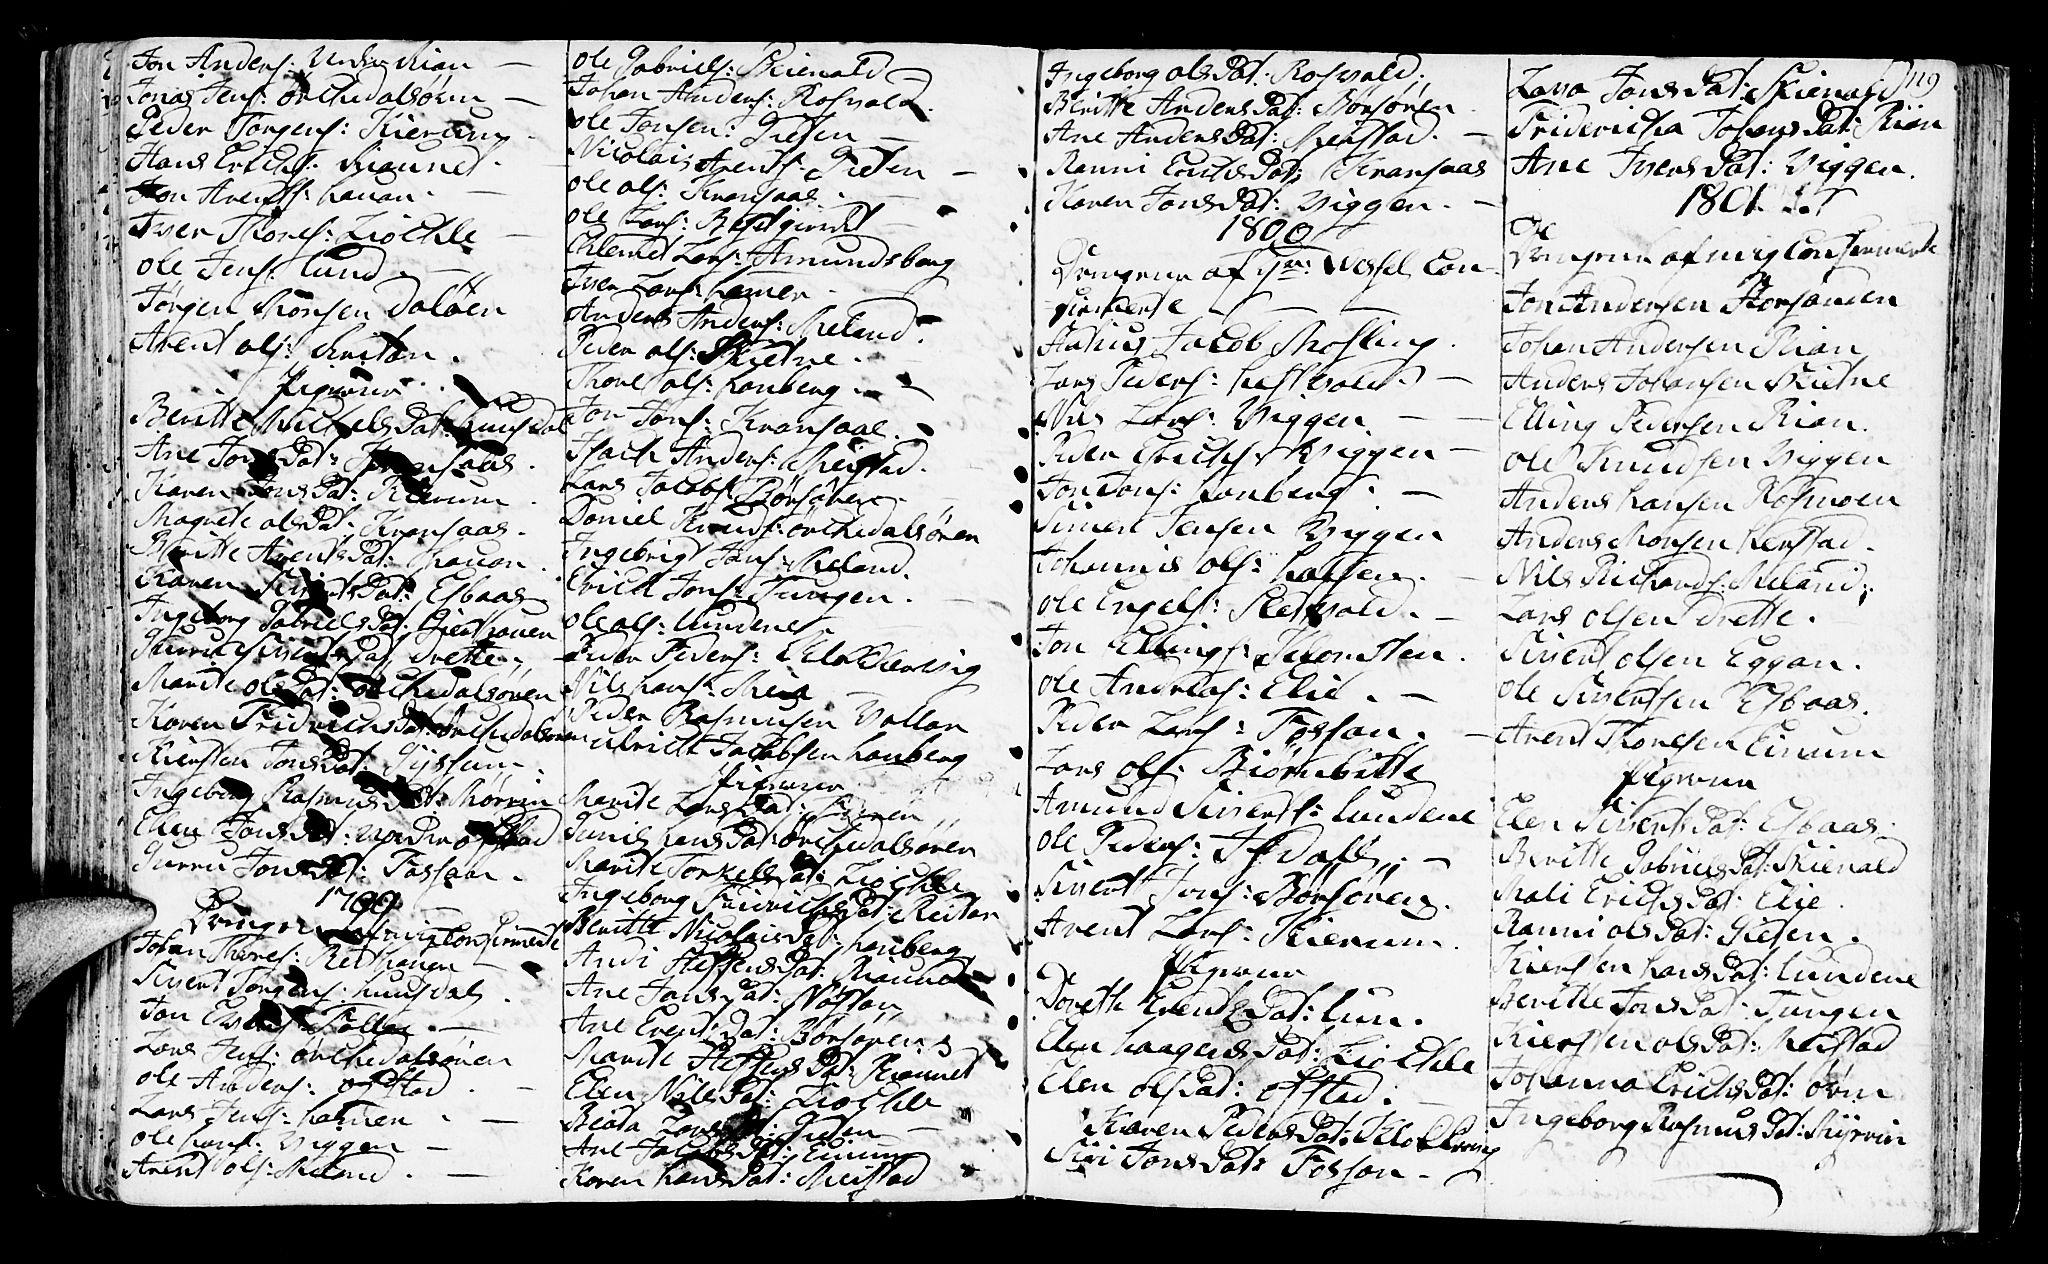 SAT, Ministerialprotokoller, klokkerbøker og fødselsregistre - Sør-Trøndelag, 665/L0768: Ministerialbok nr. 665A03, 1754-1803, s. 119